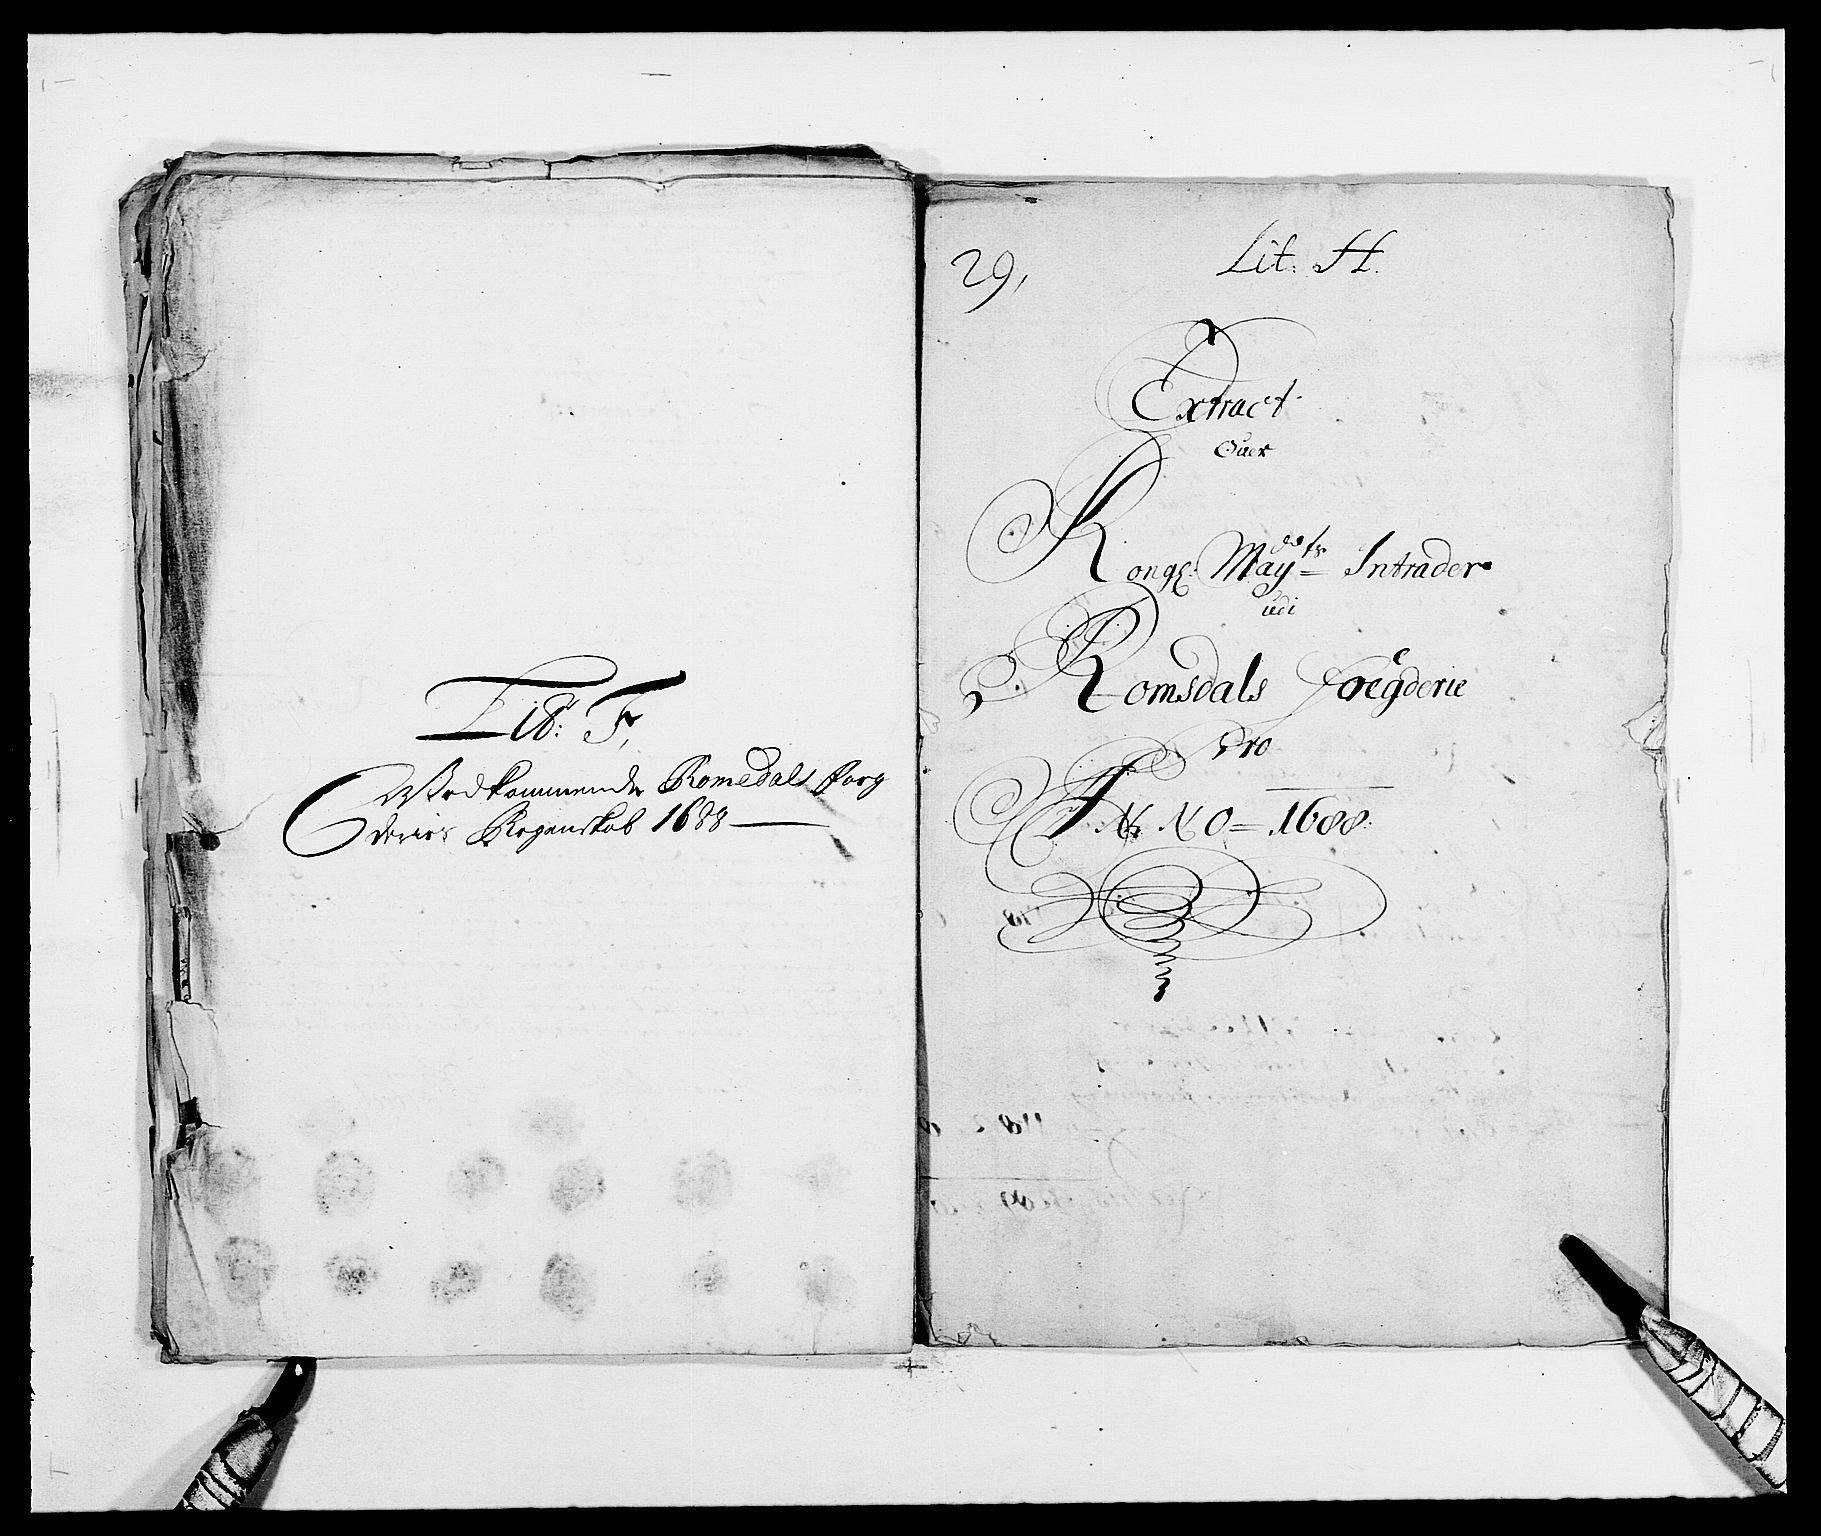 RA, Rentekammeret inntil 1814, Reviderte regnskaper, Fogderegnskap, R55/L3648: Fogderegnskap Romsdal, 1687-1689, s. 158